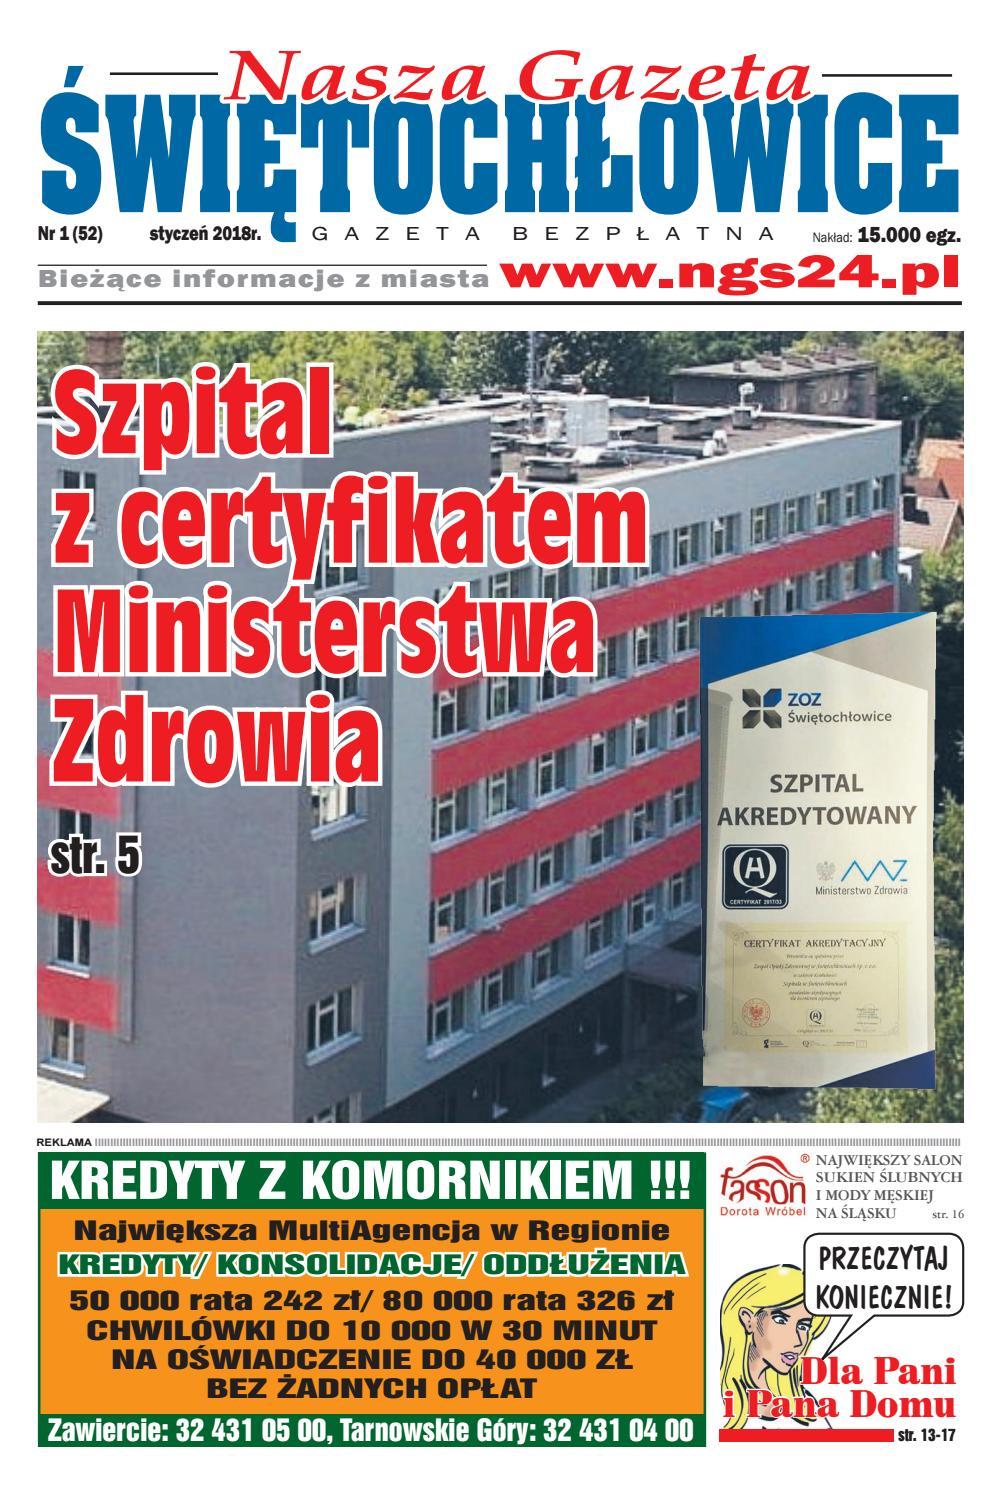 d967c66052b63 Nasza Gazeta Świętochłowice nr 52 - 1/2018 by F-PRESS - issuu